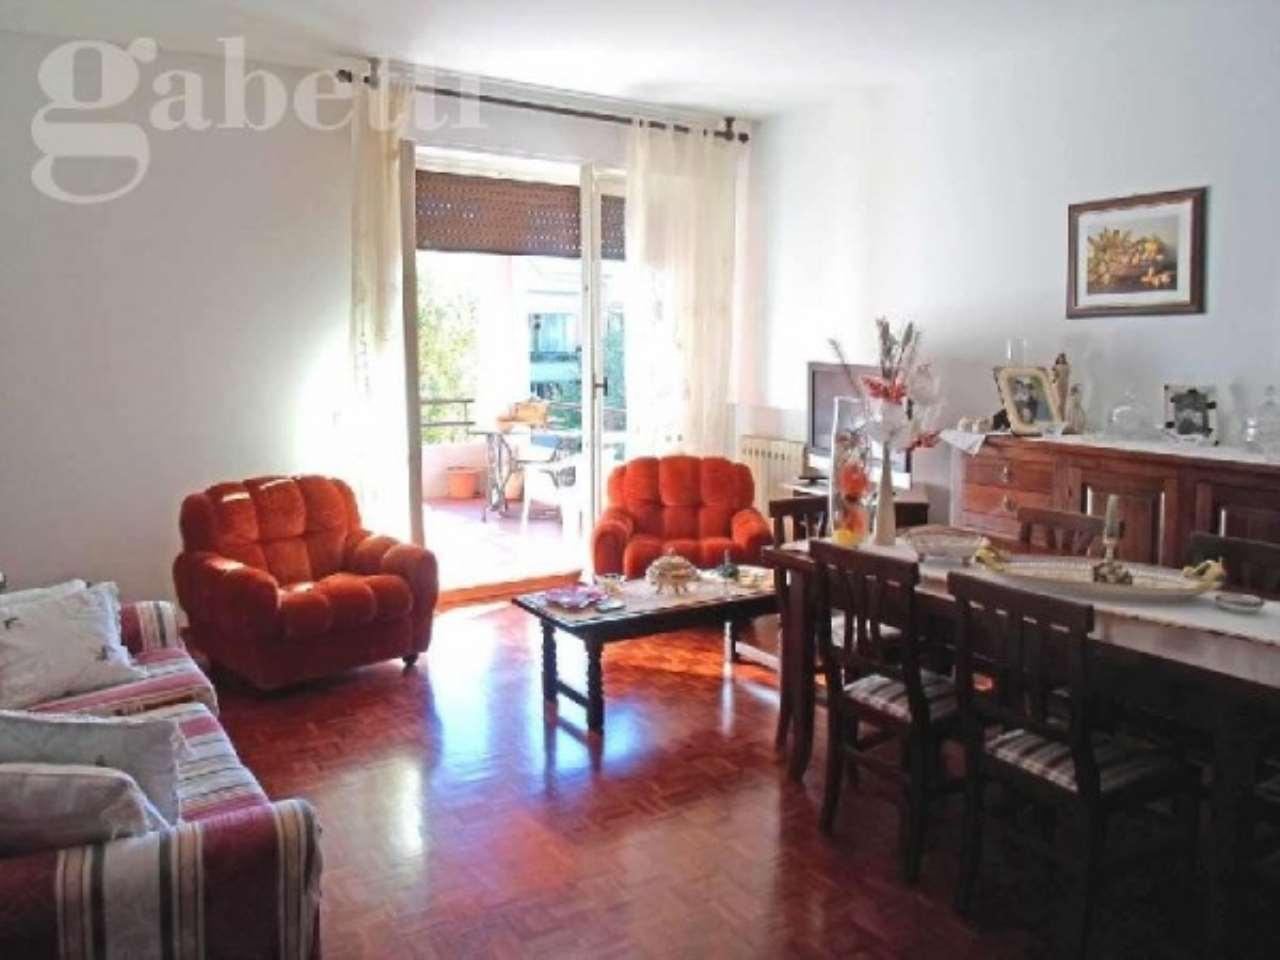 Casa senigallia appartamenti e case in vendita a for Case in vendita senigallia